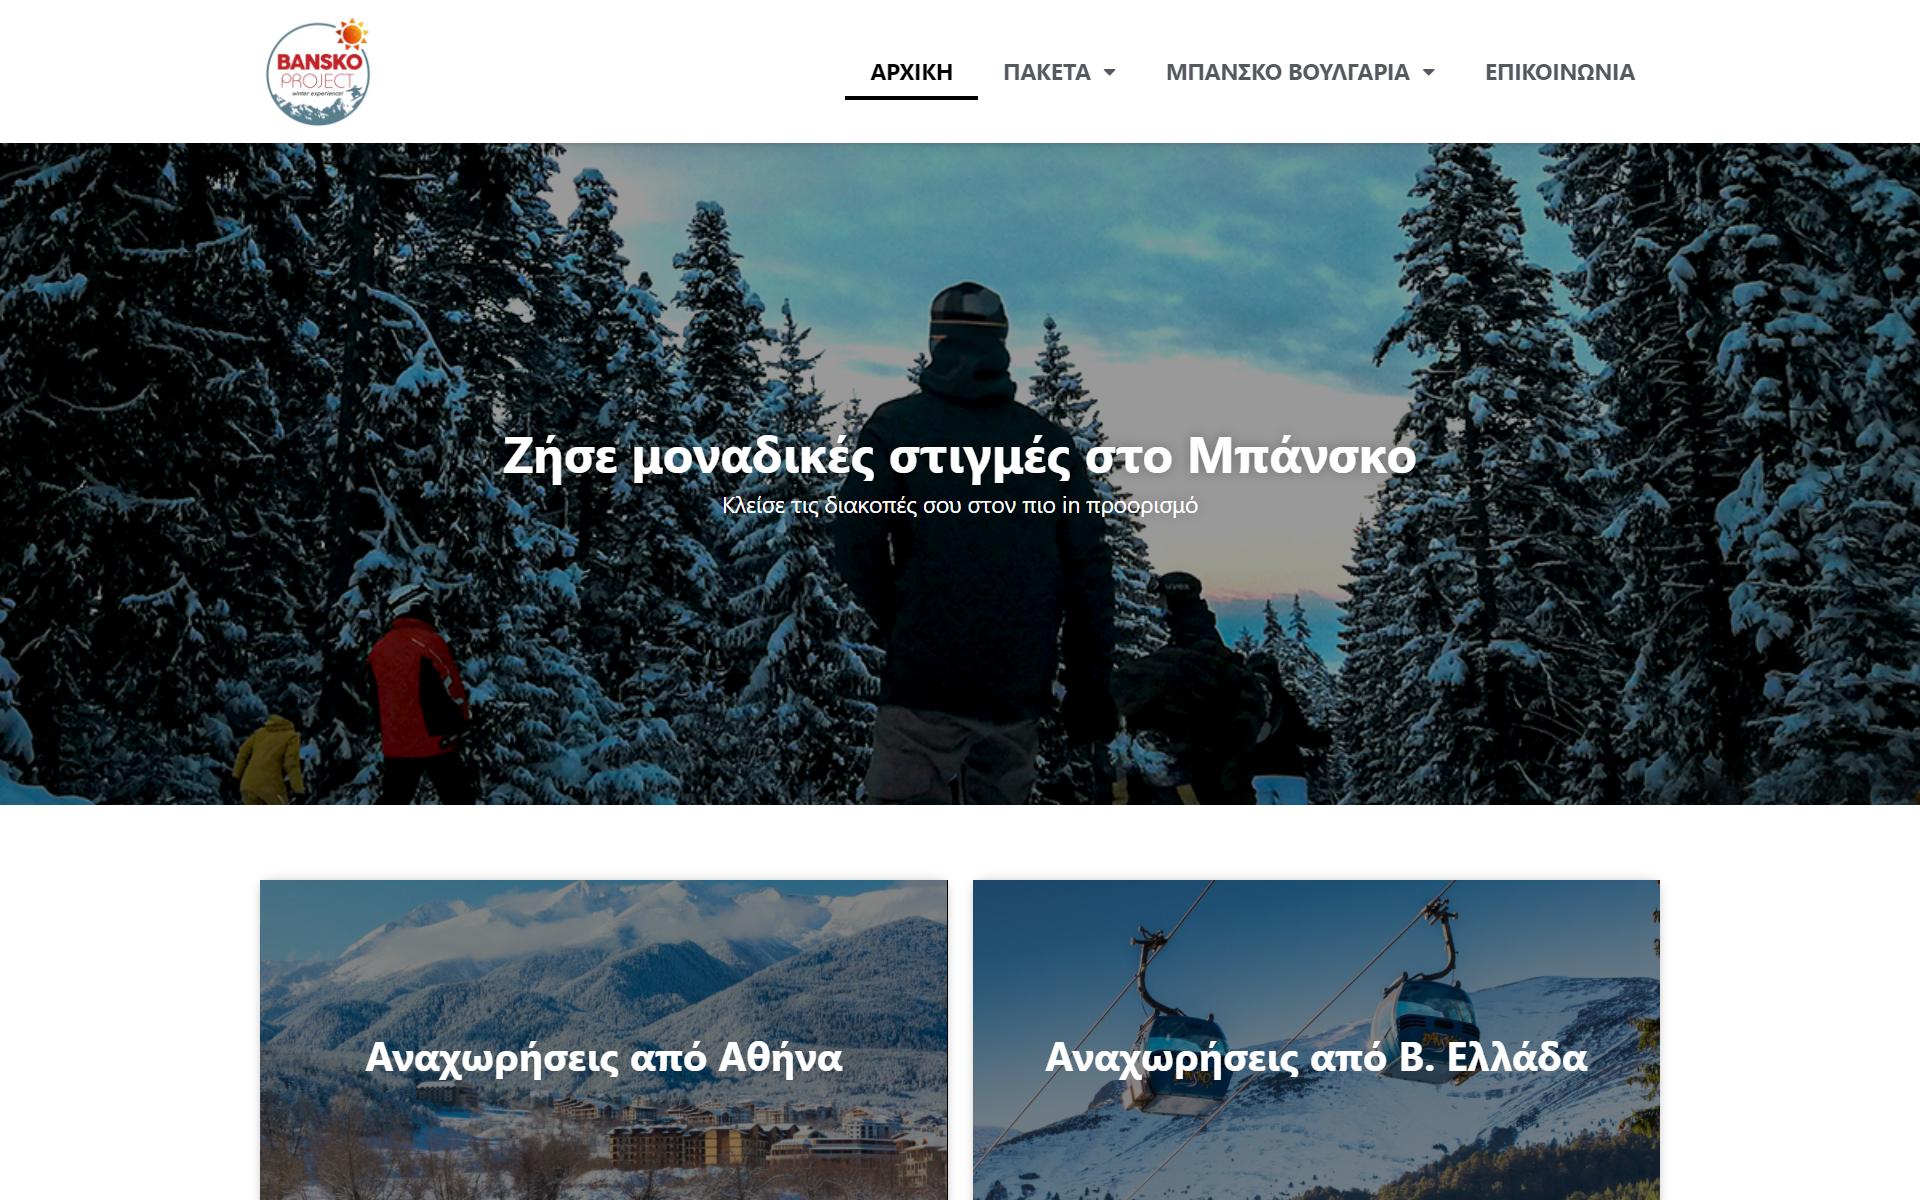 BanskoTheProject.gr